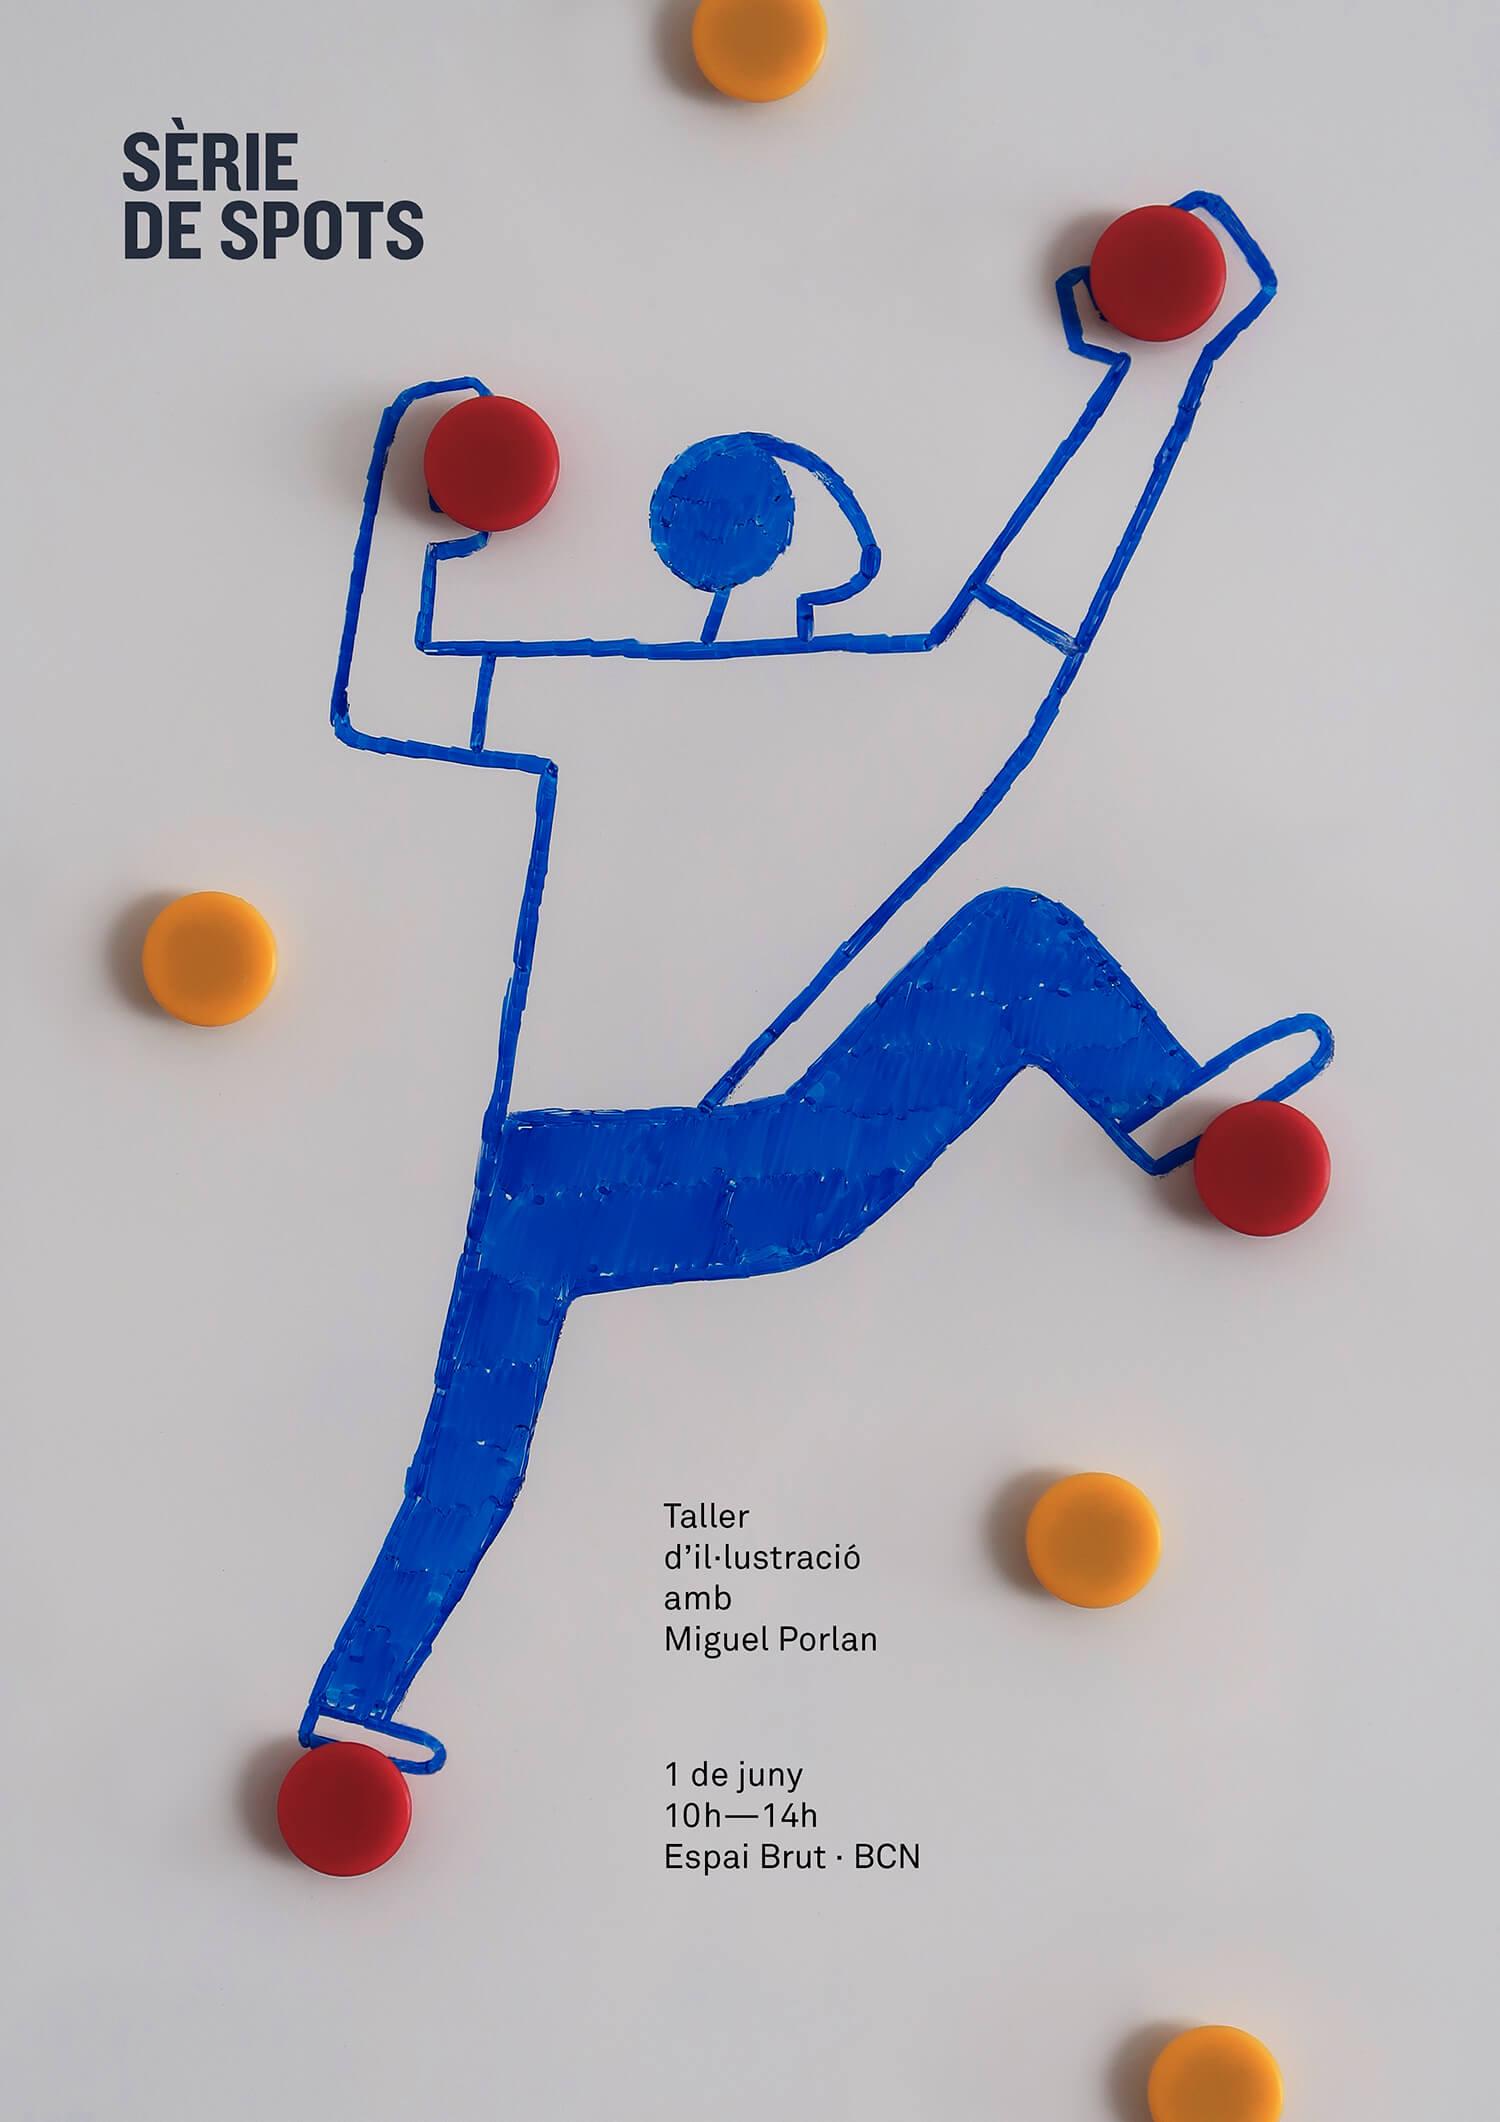 miguel porlan, illustration, poster, poster design, serie de spots, workshop